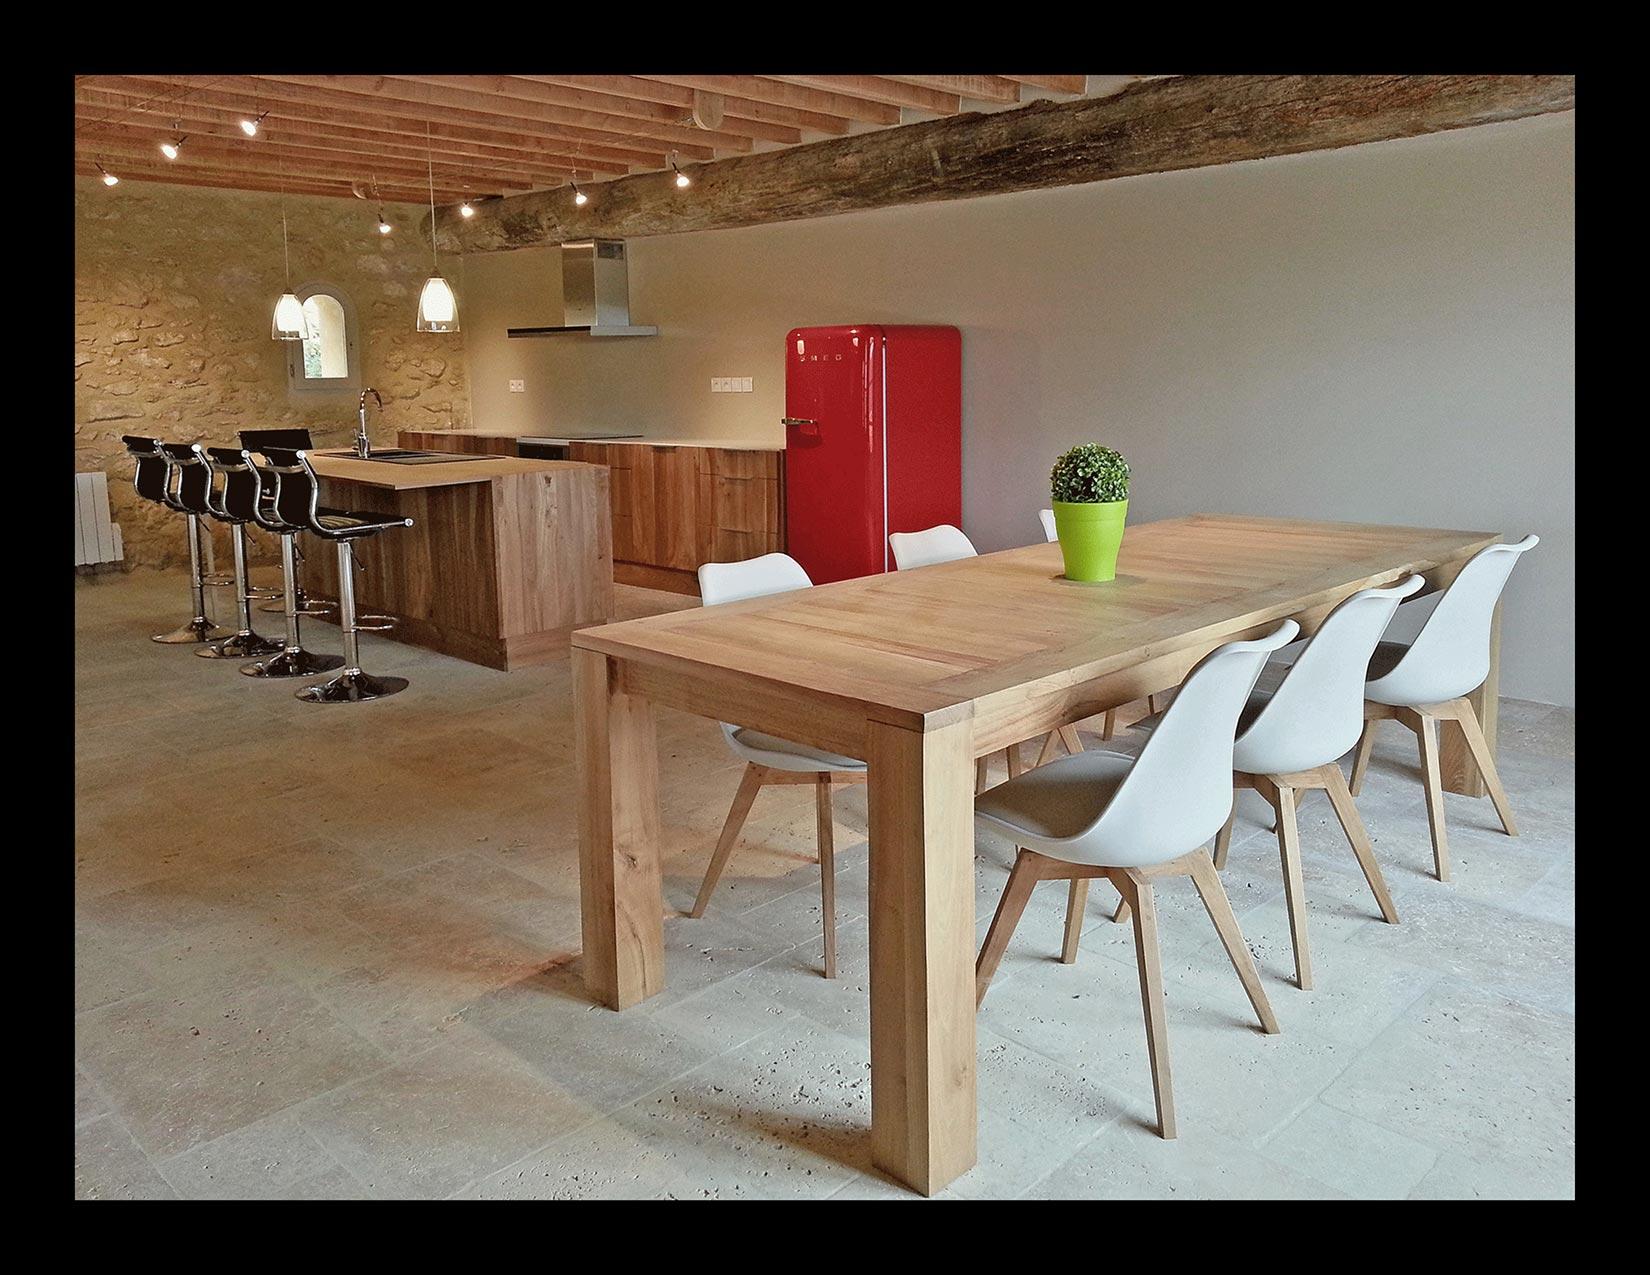 architecte-d-interieur-idalstudio-laure-aerts-castelnaudary-aude-cuisine-table-orme